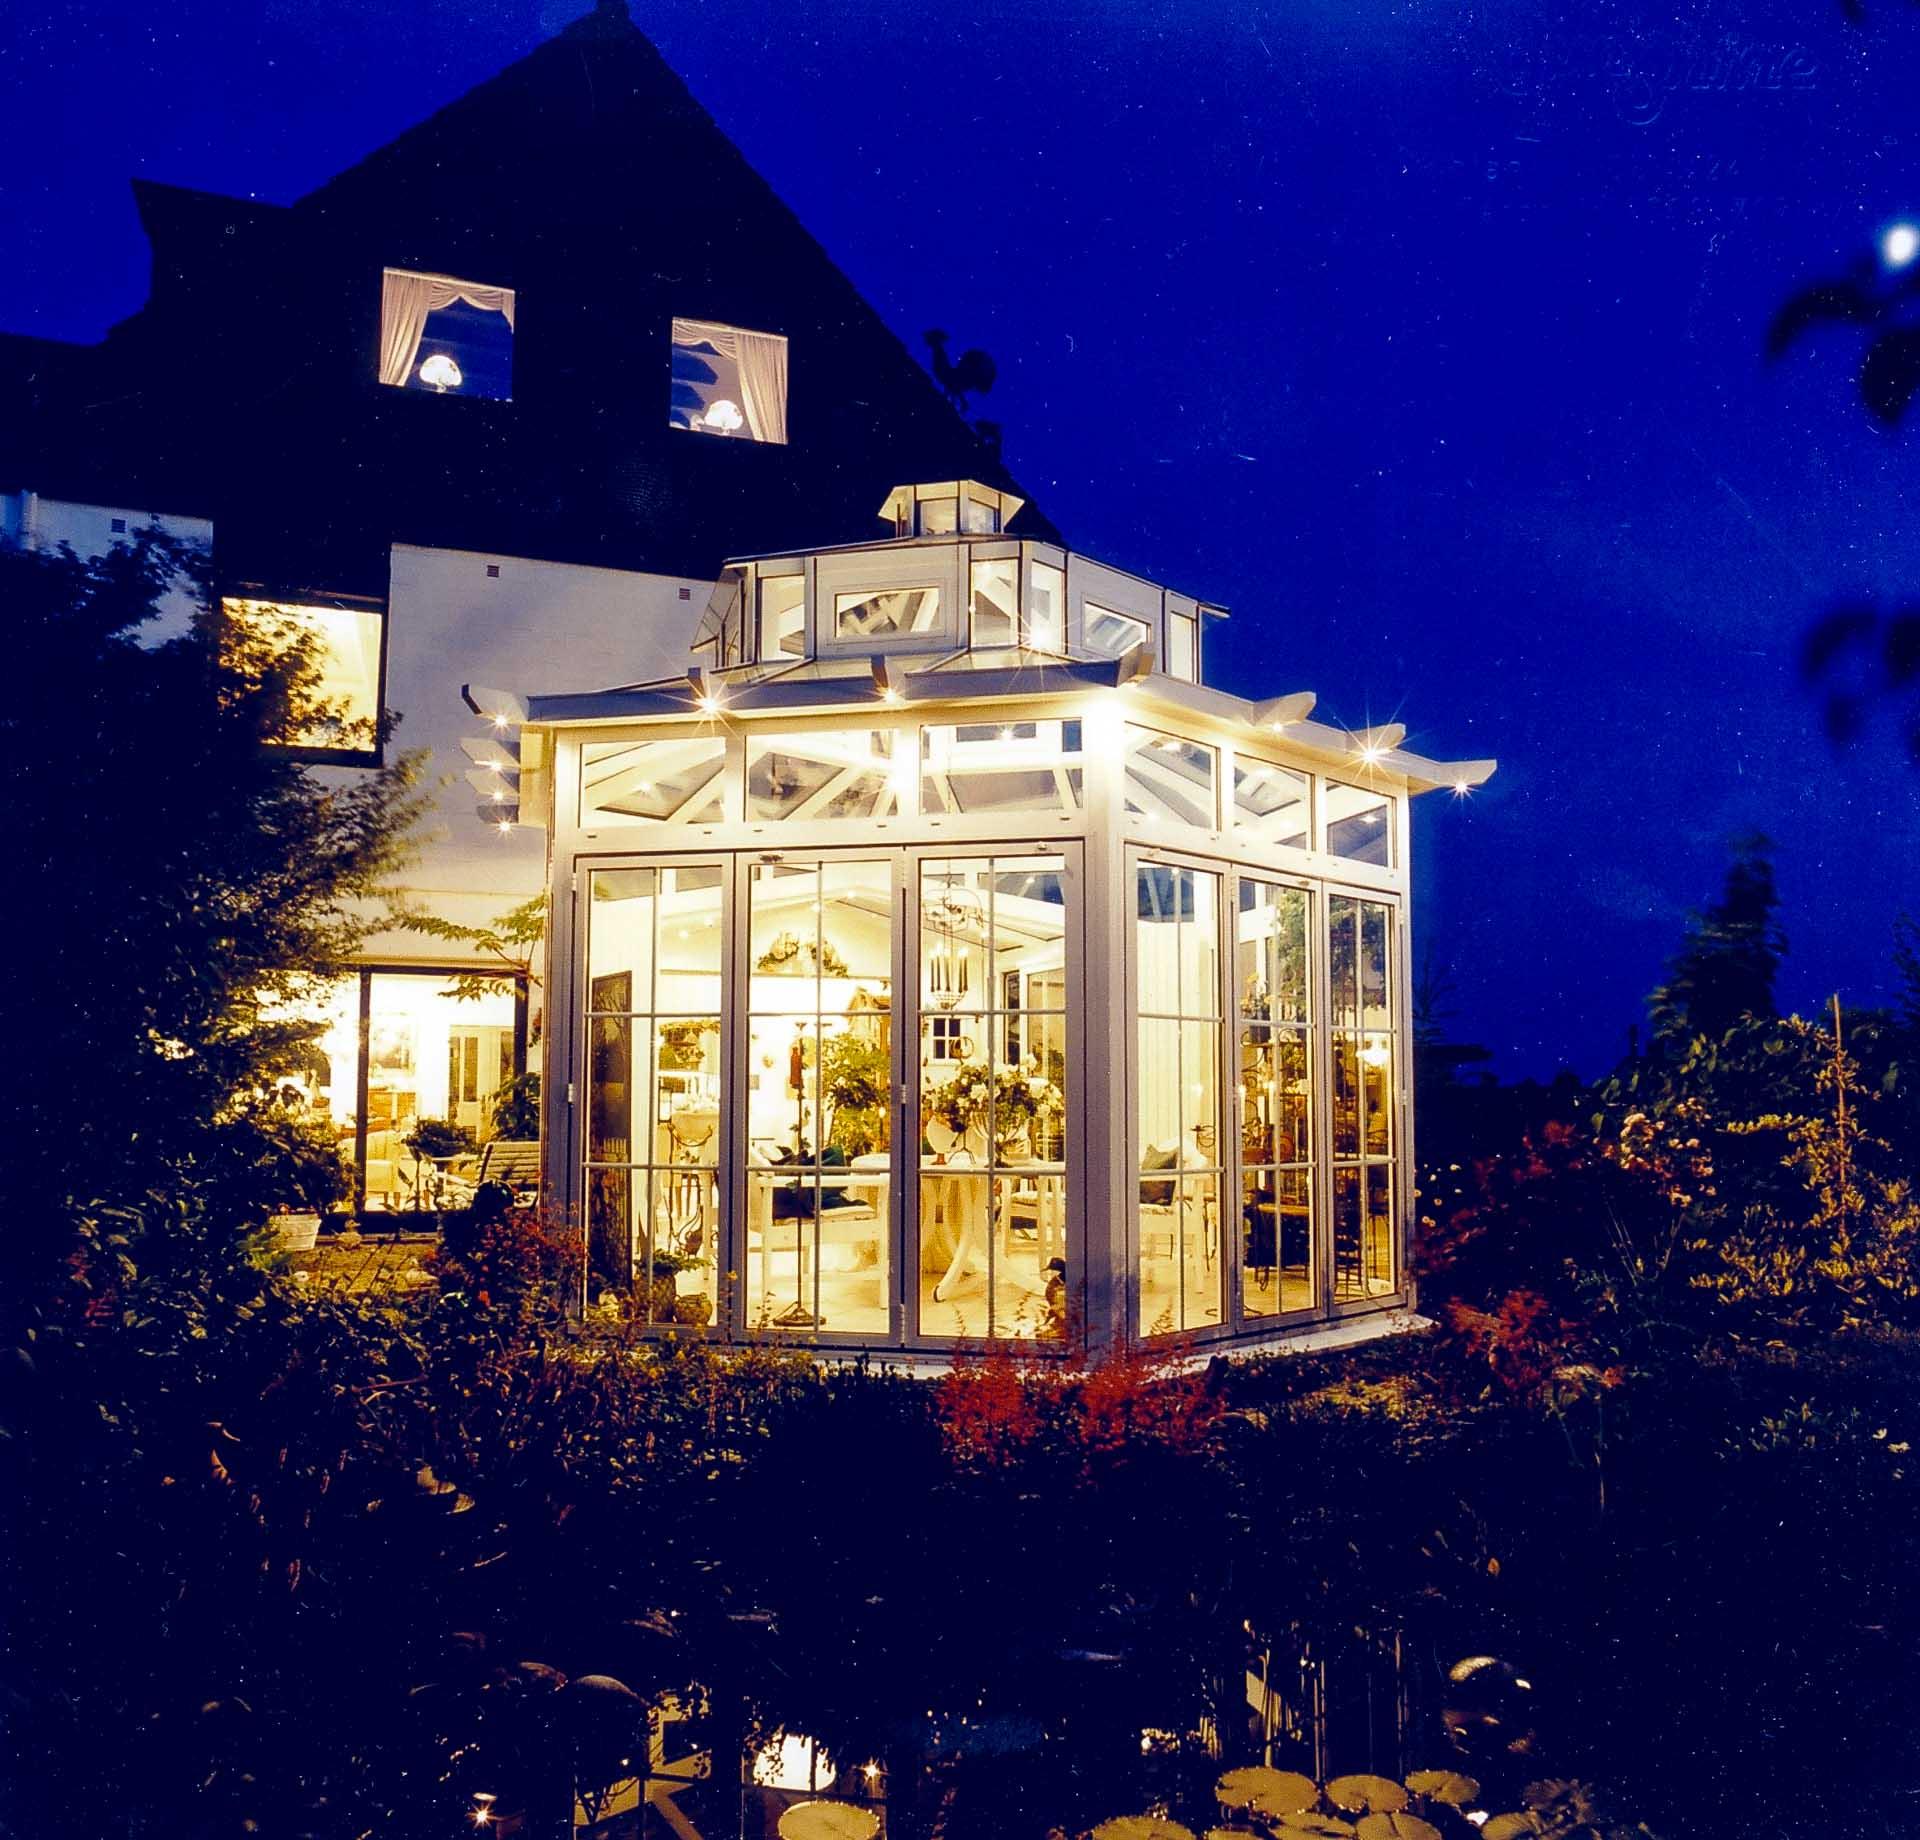 Pagodendach-Wintergarten in Solingen (Objekt 666). Pavillon mit Pagodendach, Dachlaterne und Außenbeleuchtung in Sparrenzierköpfen